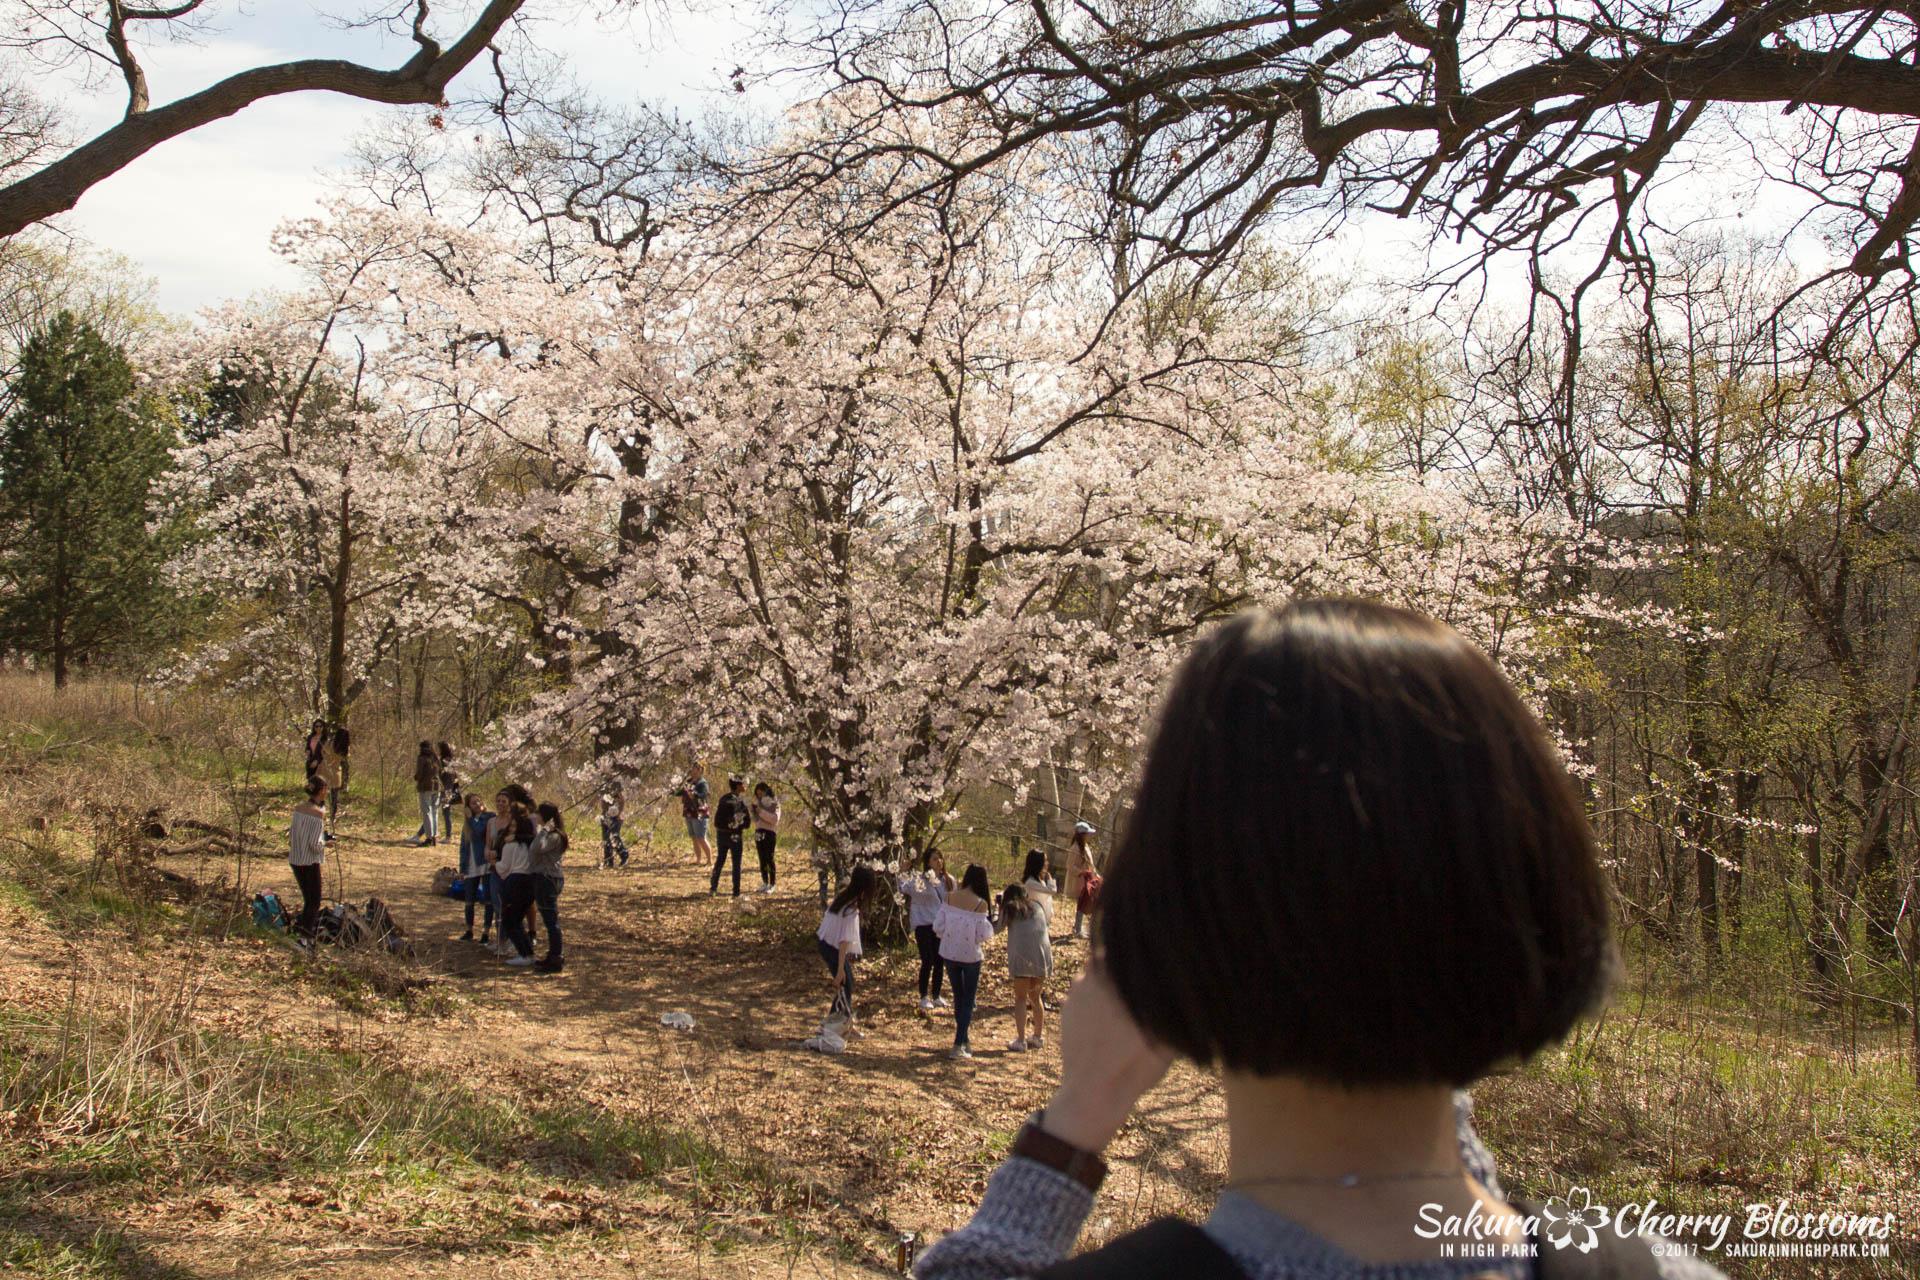 Sakura-Watch-April-28-2017-full-bloom-throughout-High-Park-5660.jpg